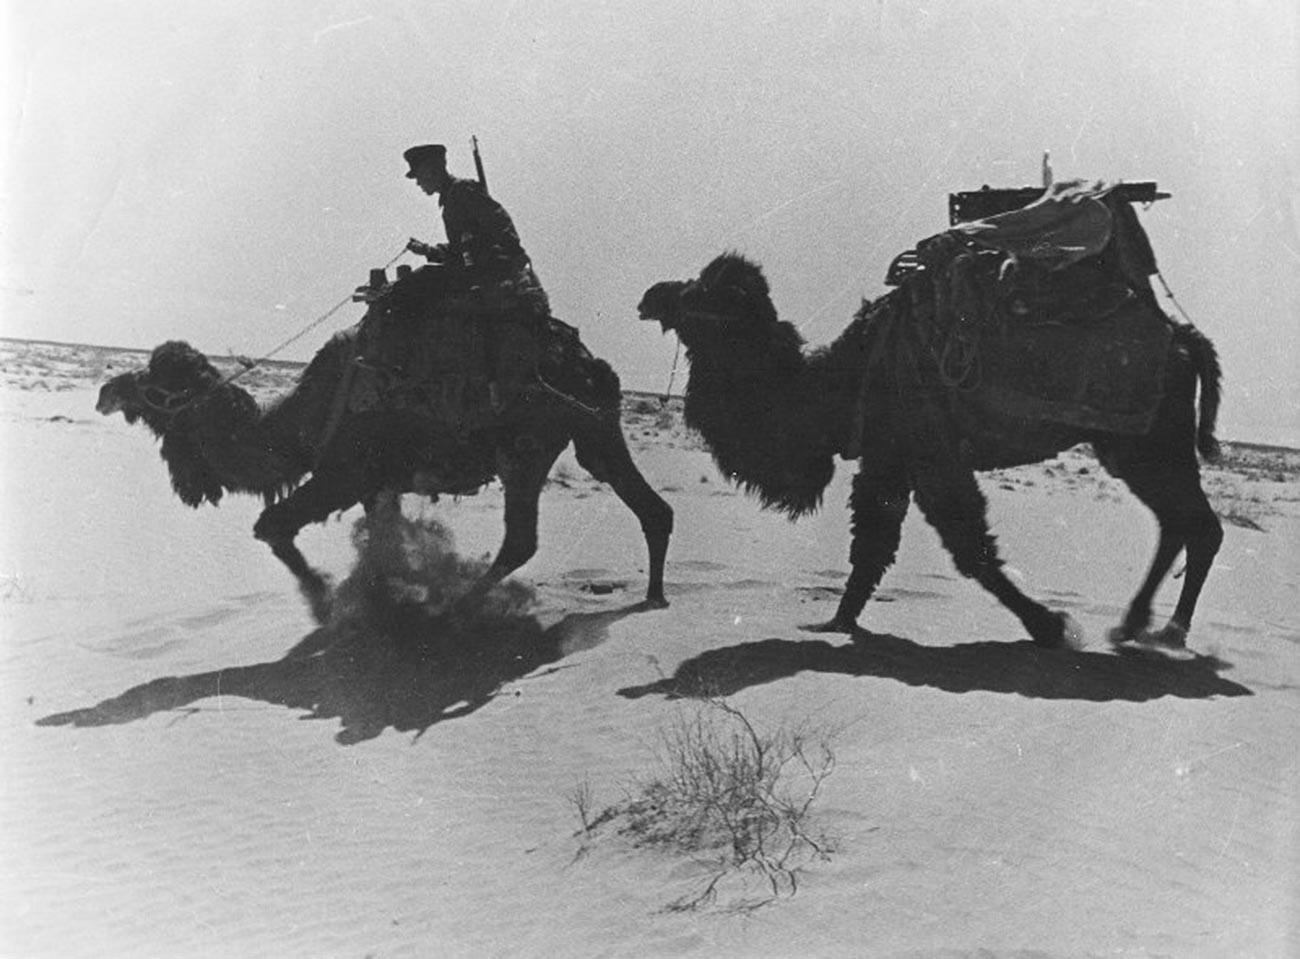 トルクメン・ソビエト社会主義共和国の国境警備隊員。1930年代